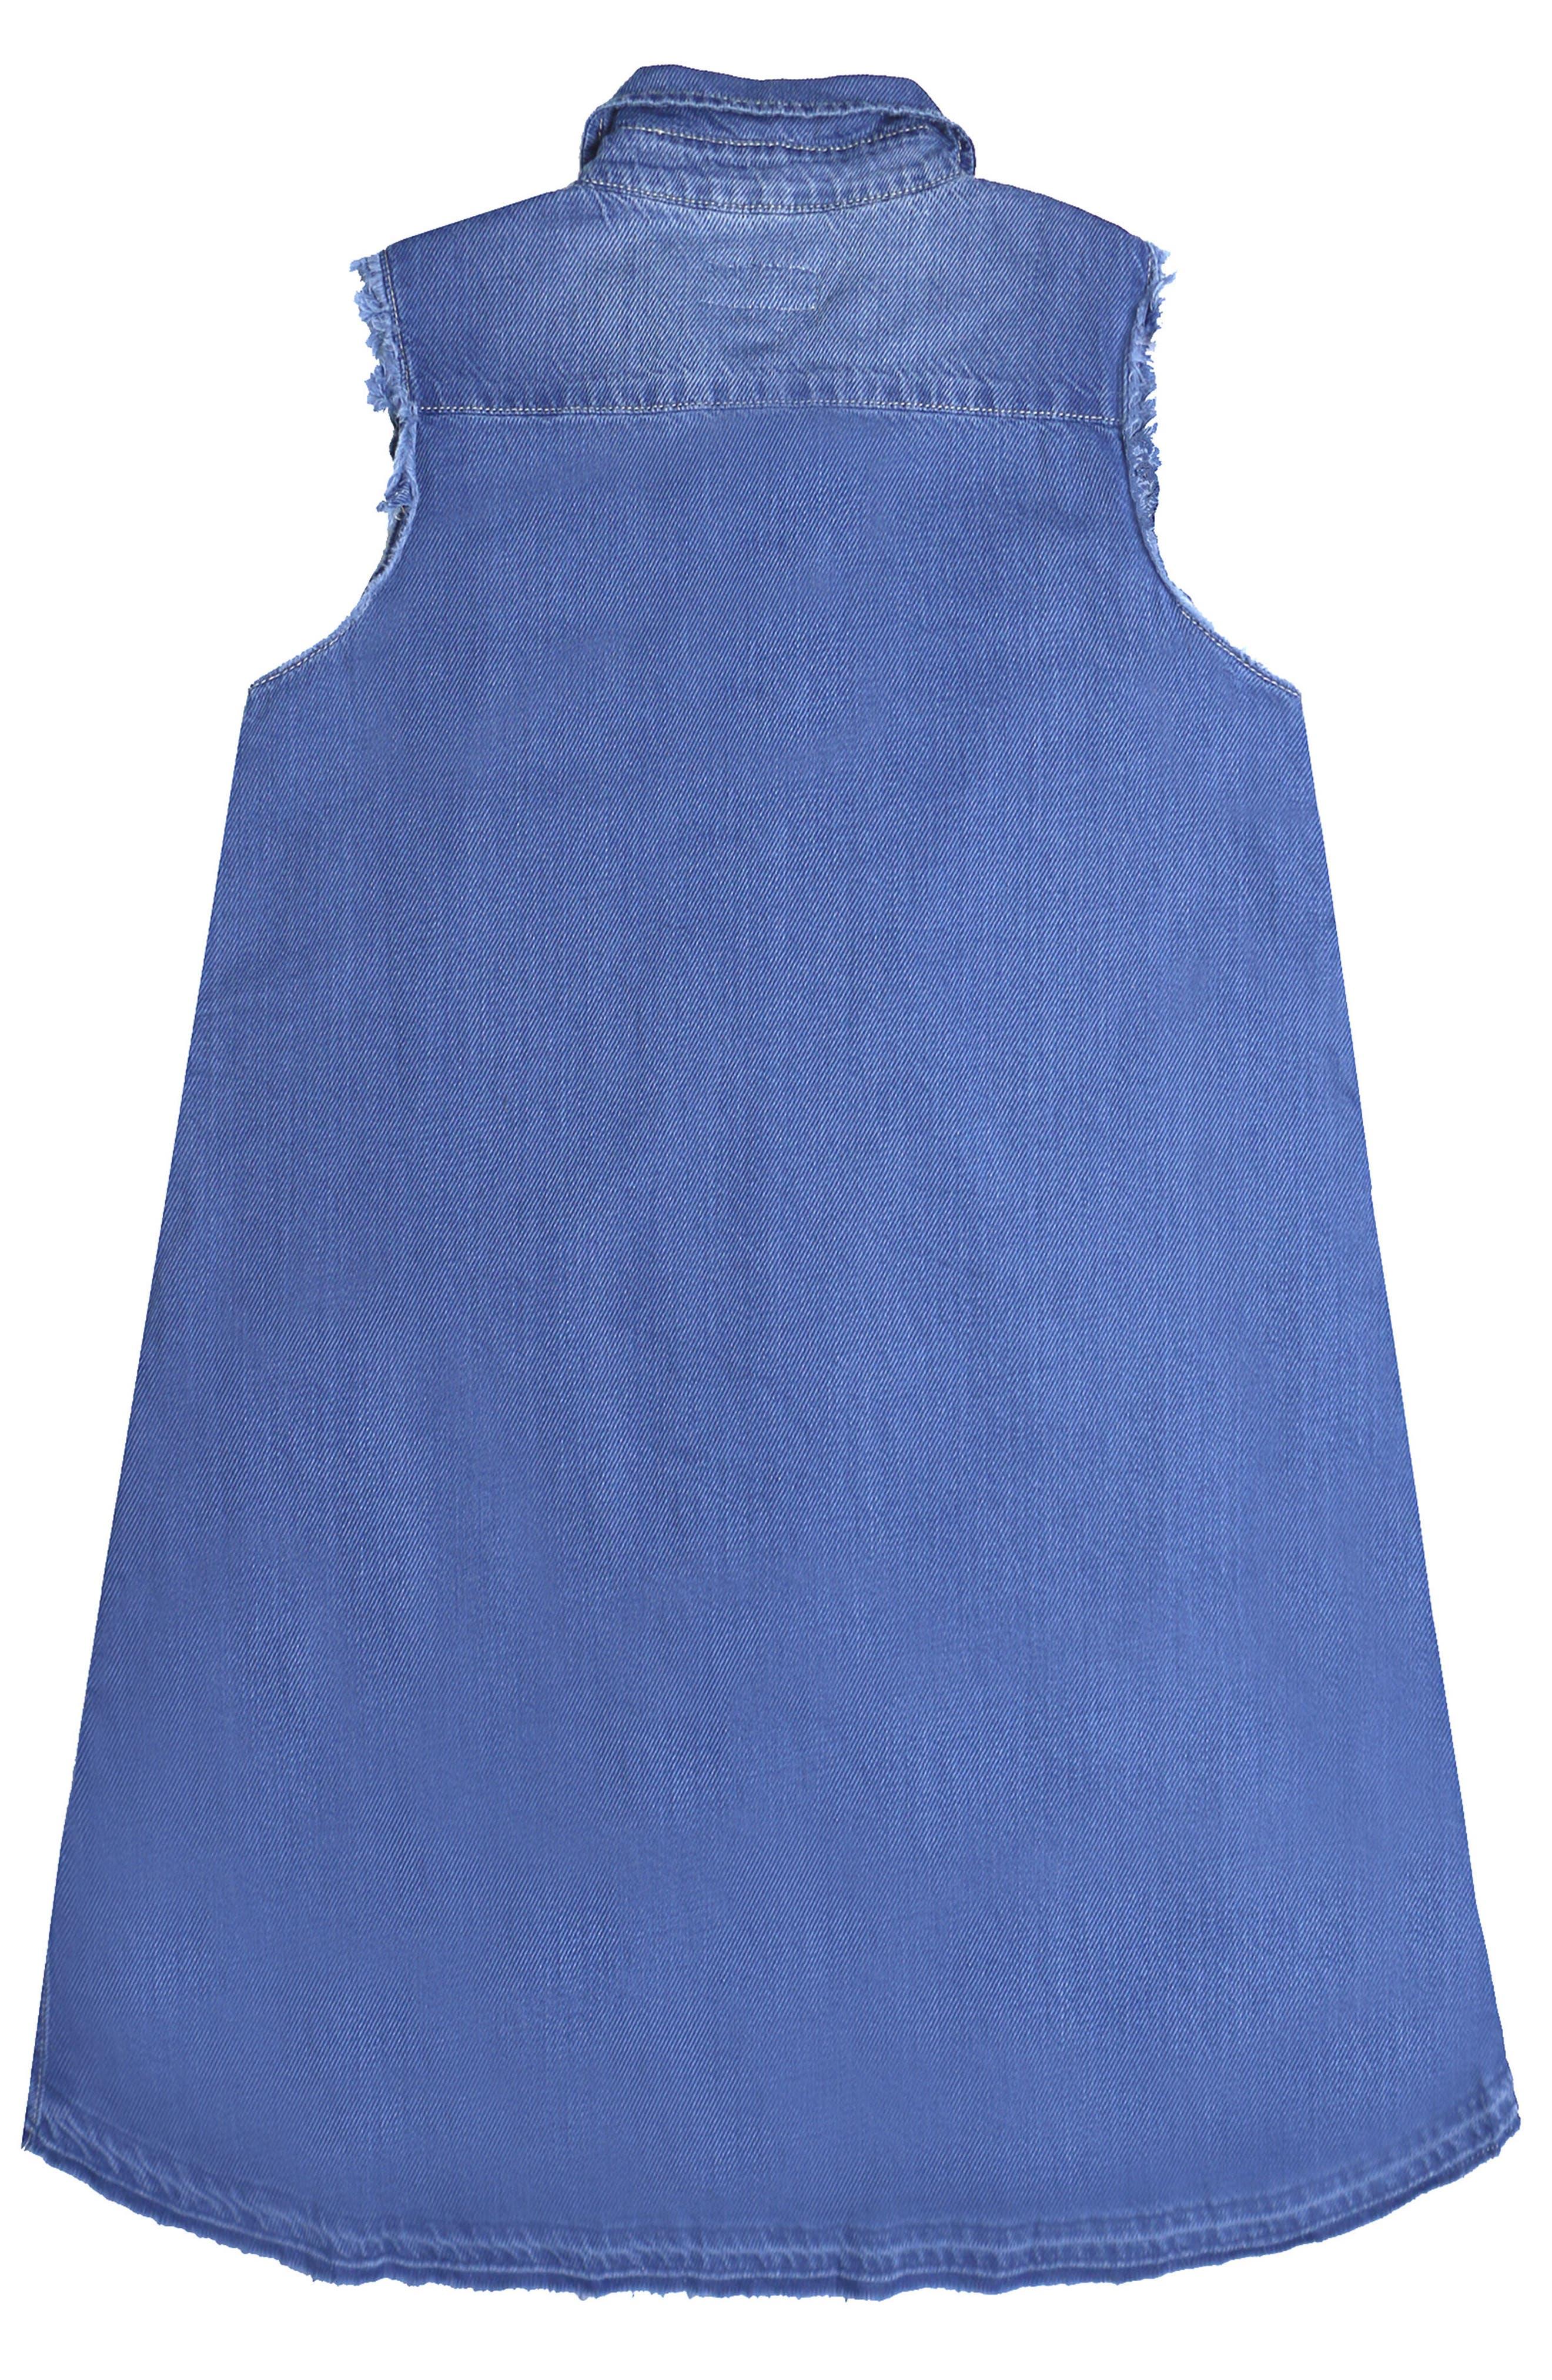 Chambray Shirt Dress,                             Alternate thumbnail 2, color,                             407